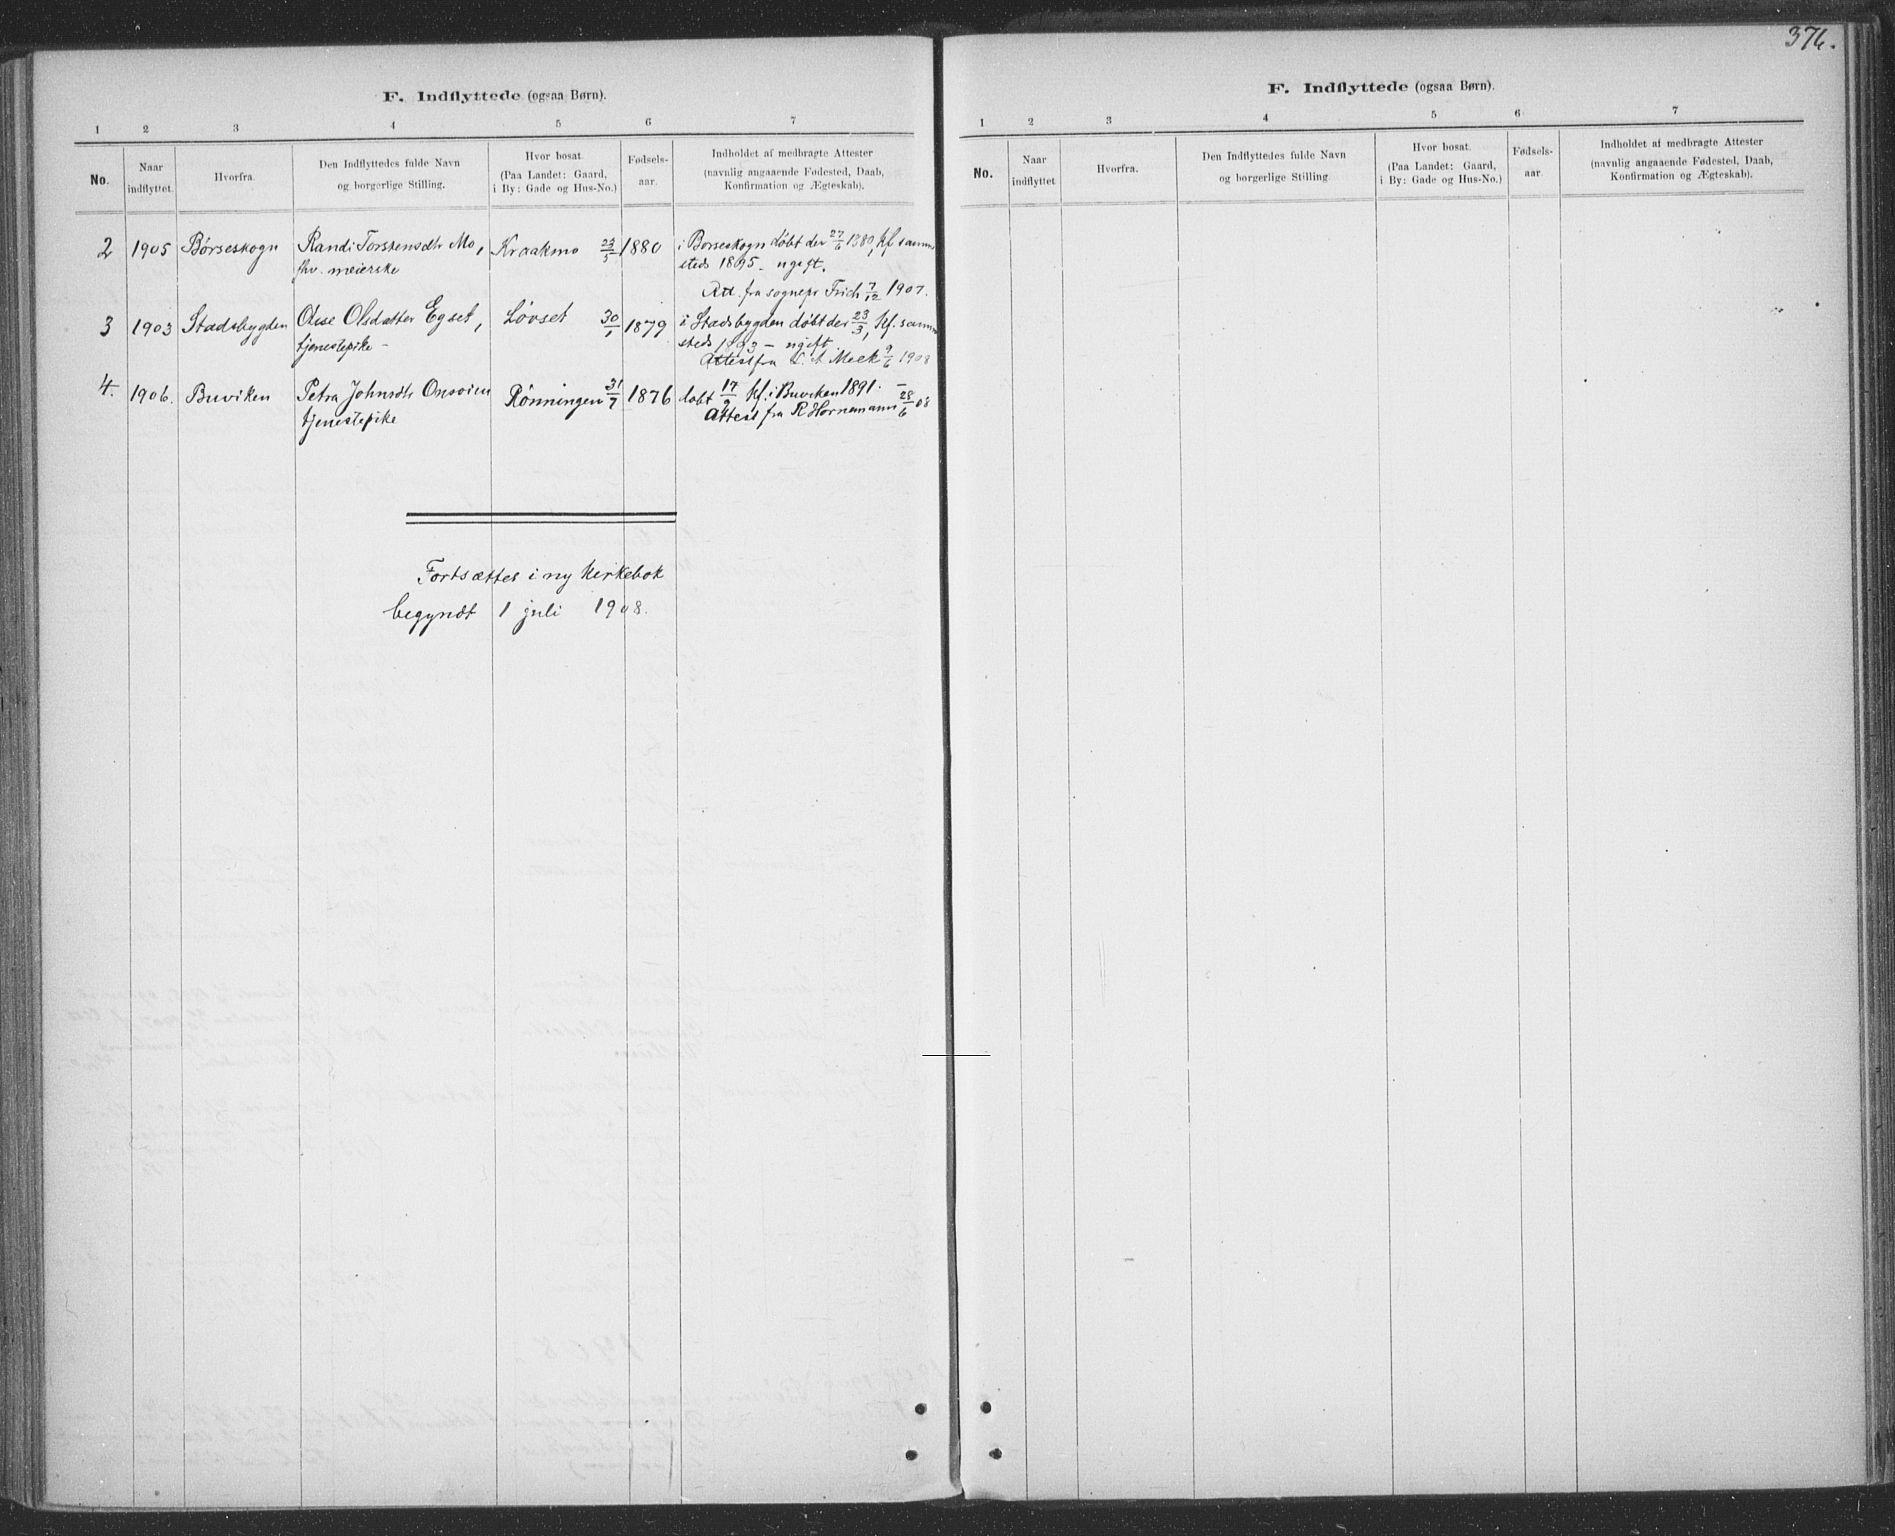 SAT, Ministerialprotokoller, klokkerbøker og fødselsregistre - Sør-Trøndelag, 691/L1085: Ministerialbok nr. 691A17, 1887-1908, s. 376